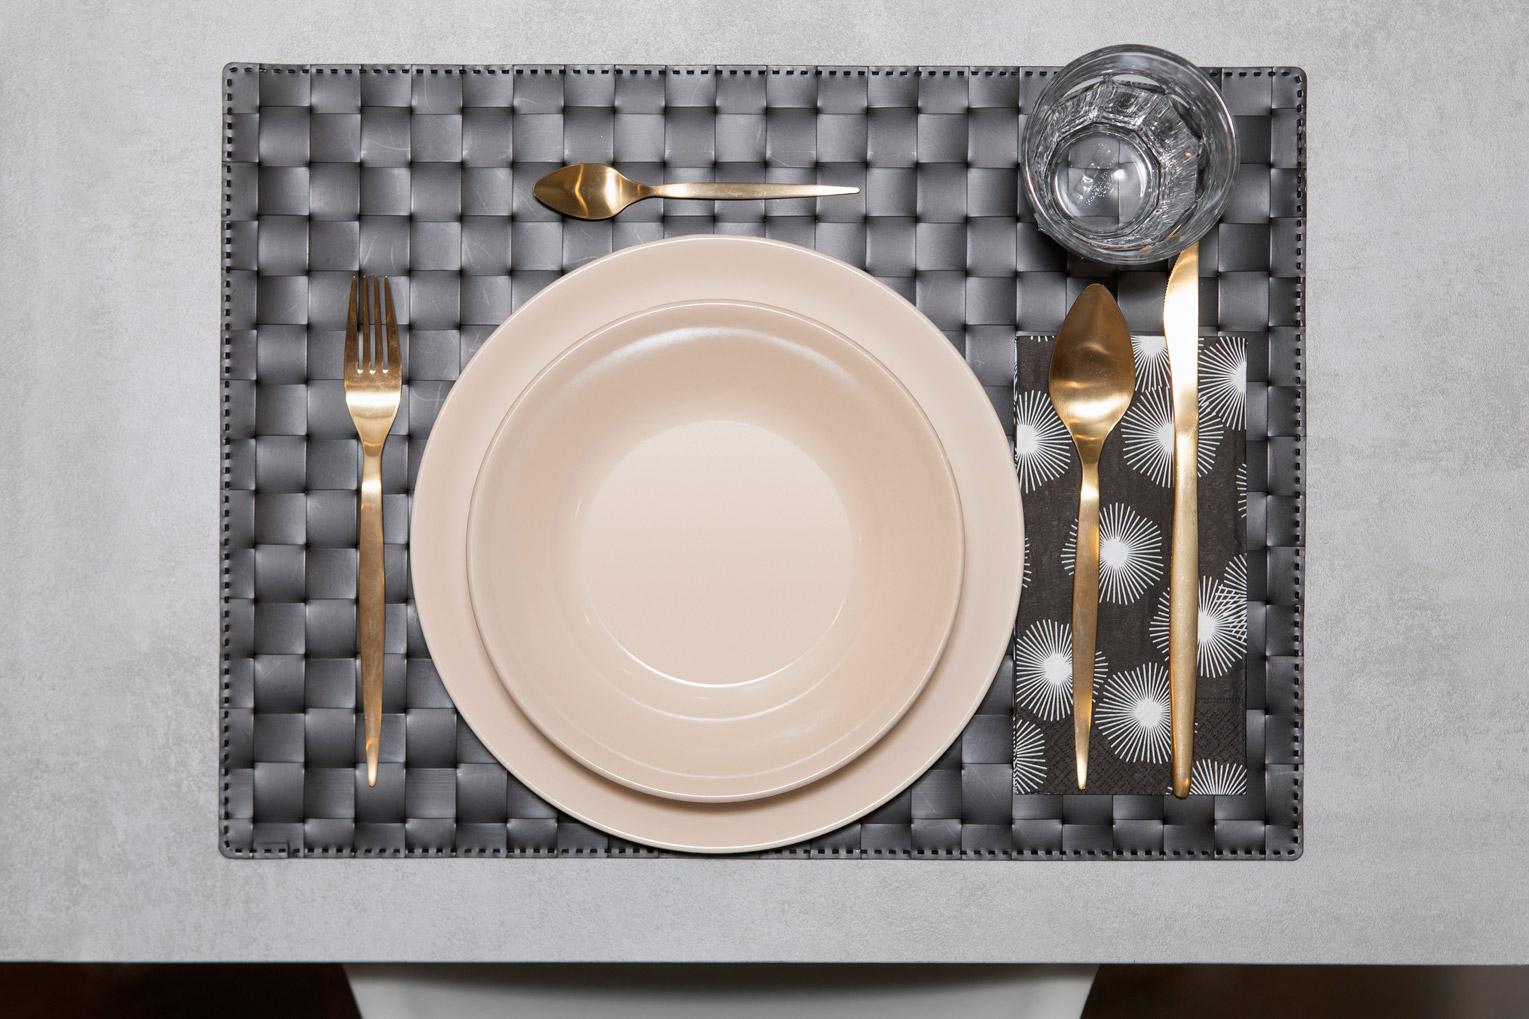 detalle-mesa-cocina-diseno-de-interiores-reforma-vivienda-estudio-marlo